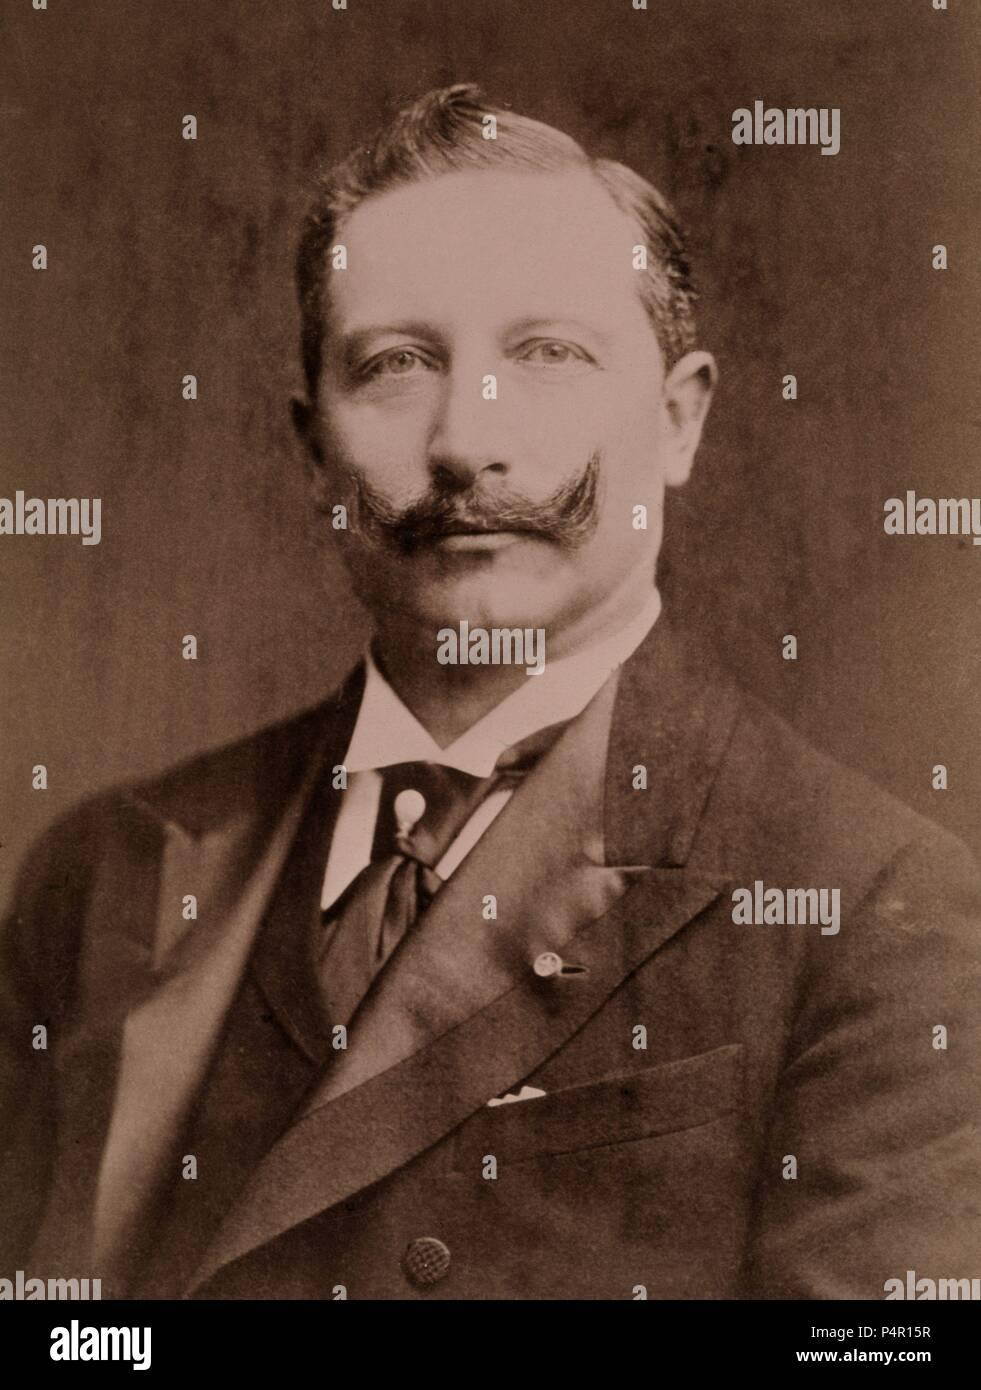 GUILLERMO II DE PRUSIA - EMPERADOR. - Stock Image